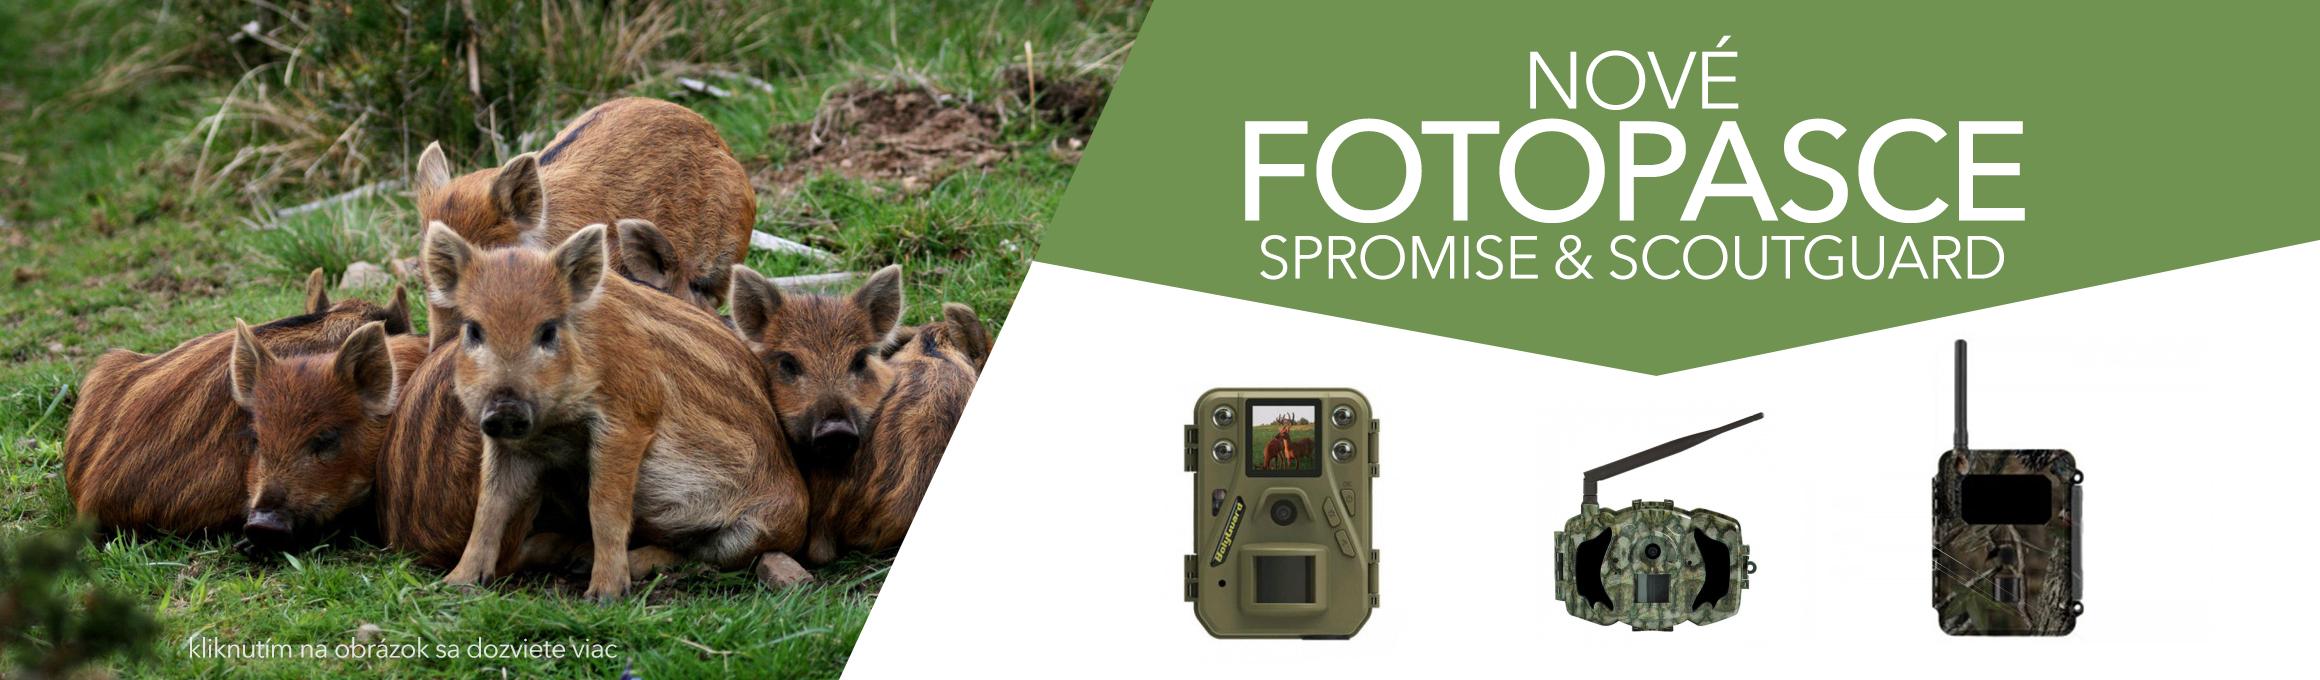 Nové fotopasce od výrobcov SPROMISE & SCOUTGUARD už v predaji!